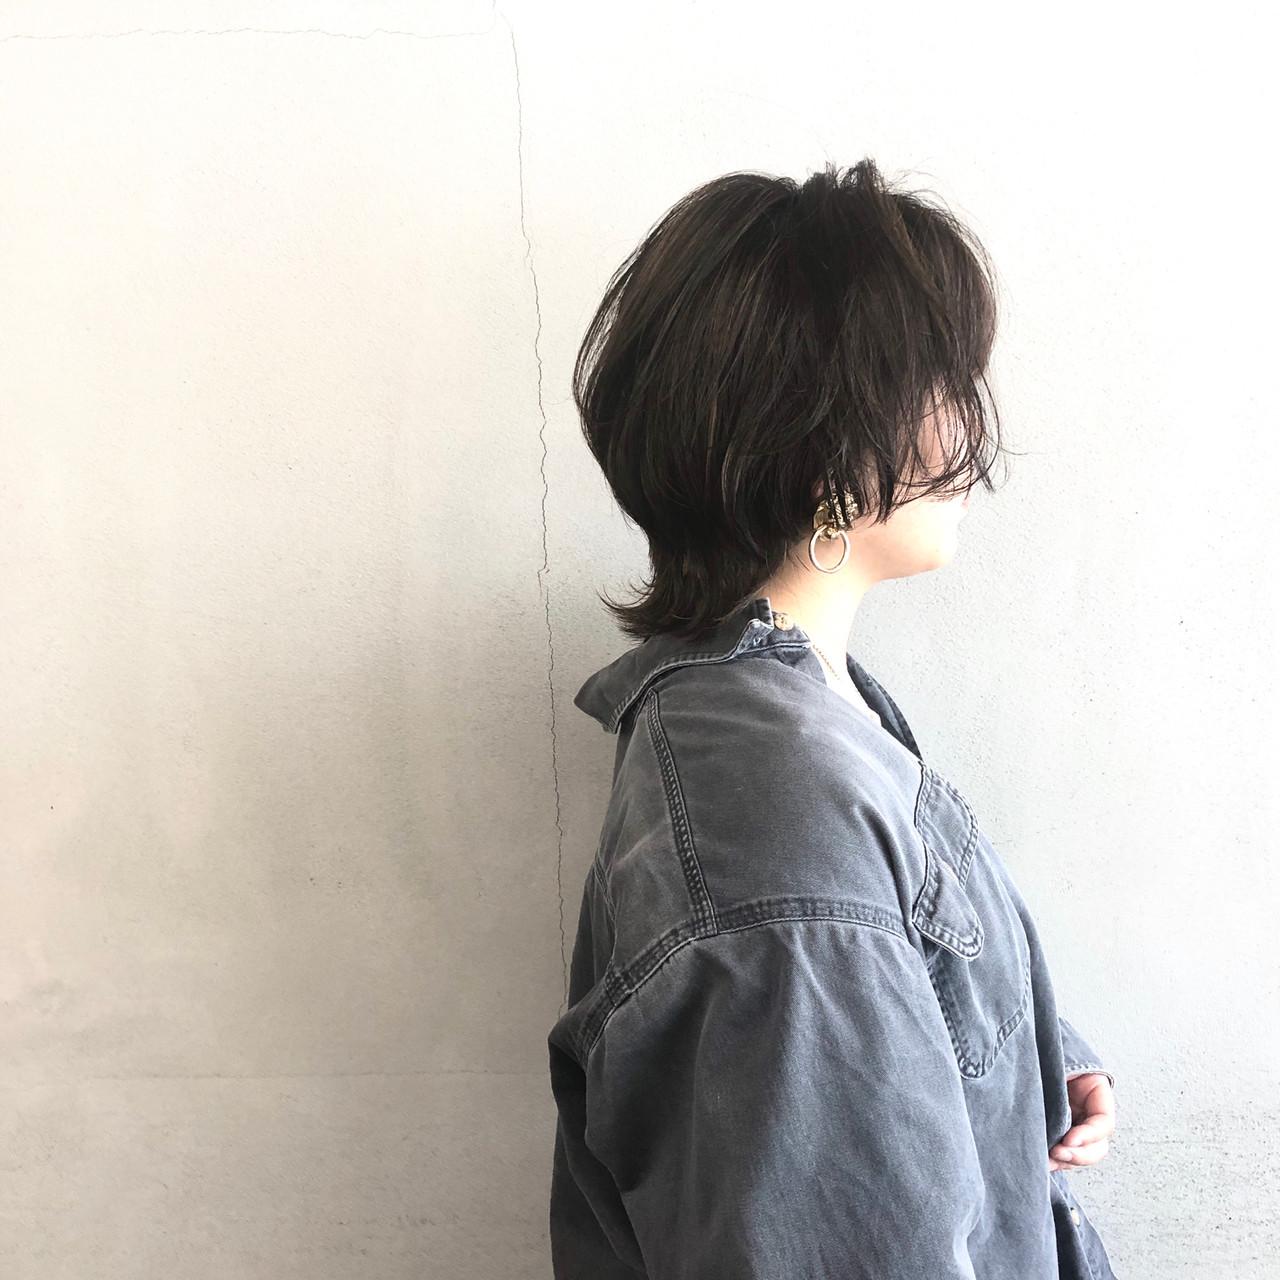 マッシュウルフ ウルフカット ナチュラル ショート ヘアスタイルや髪型の写真・画像